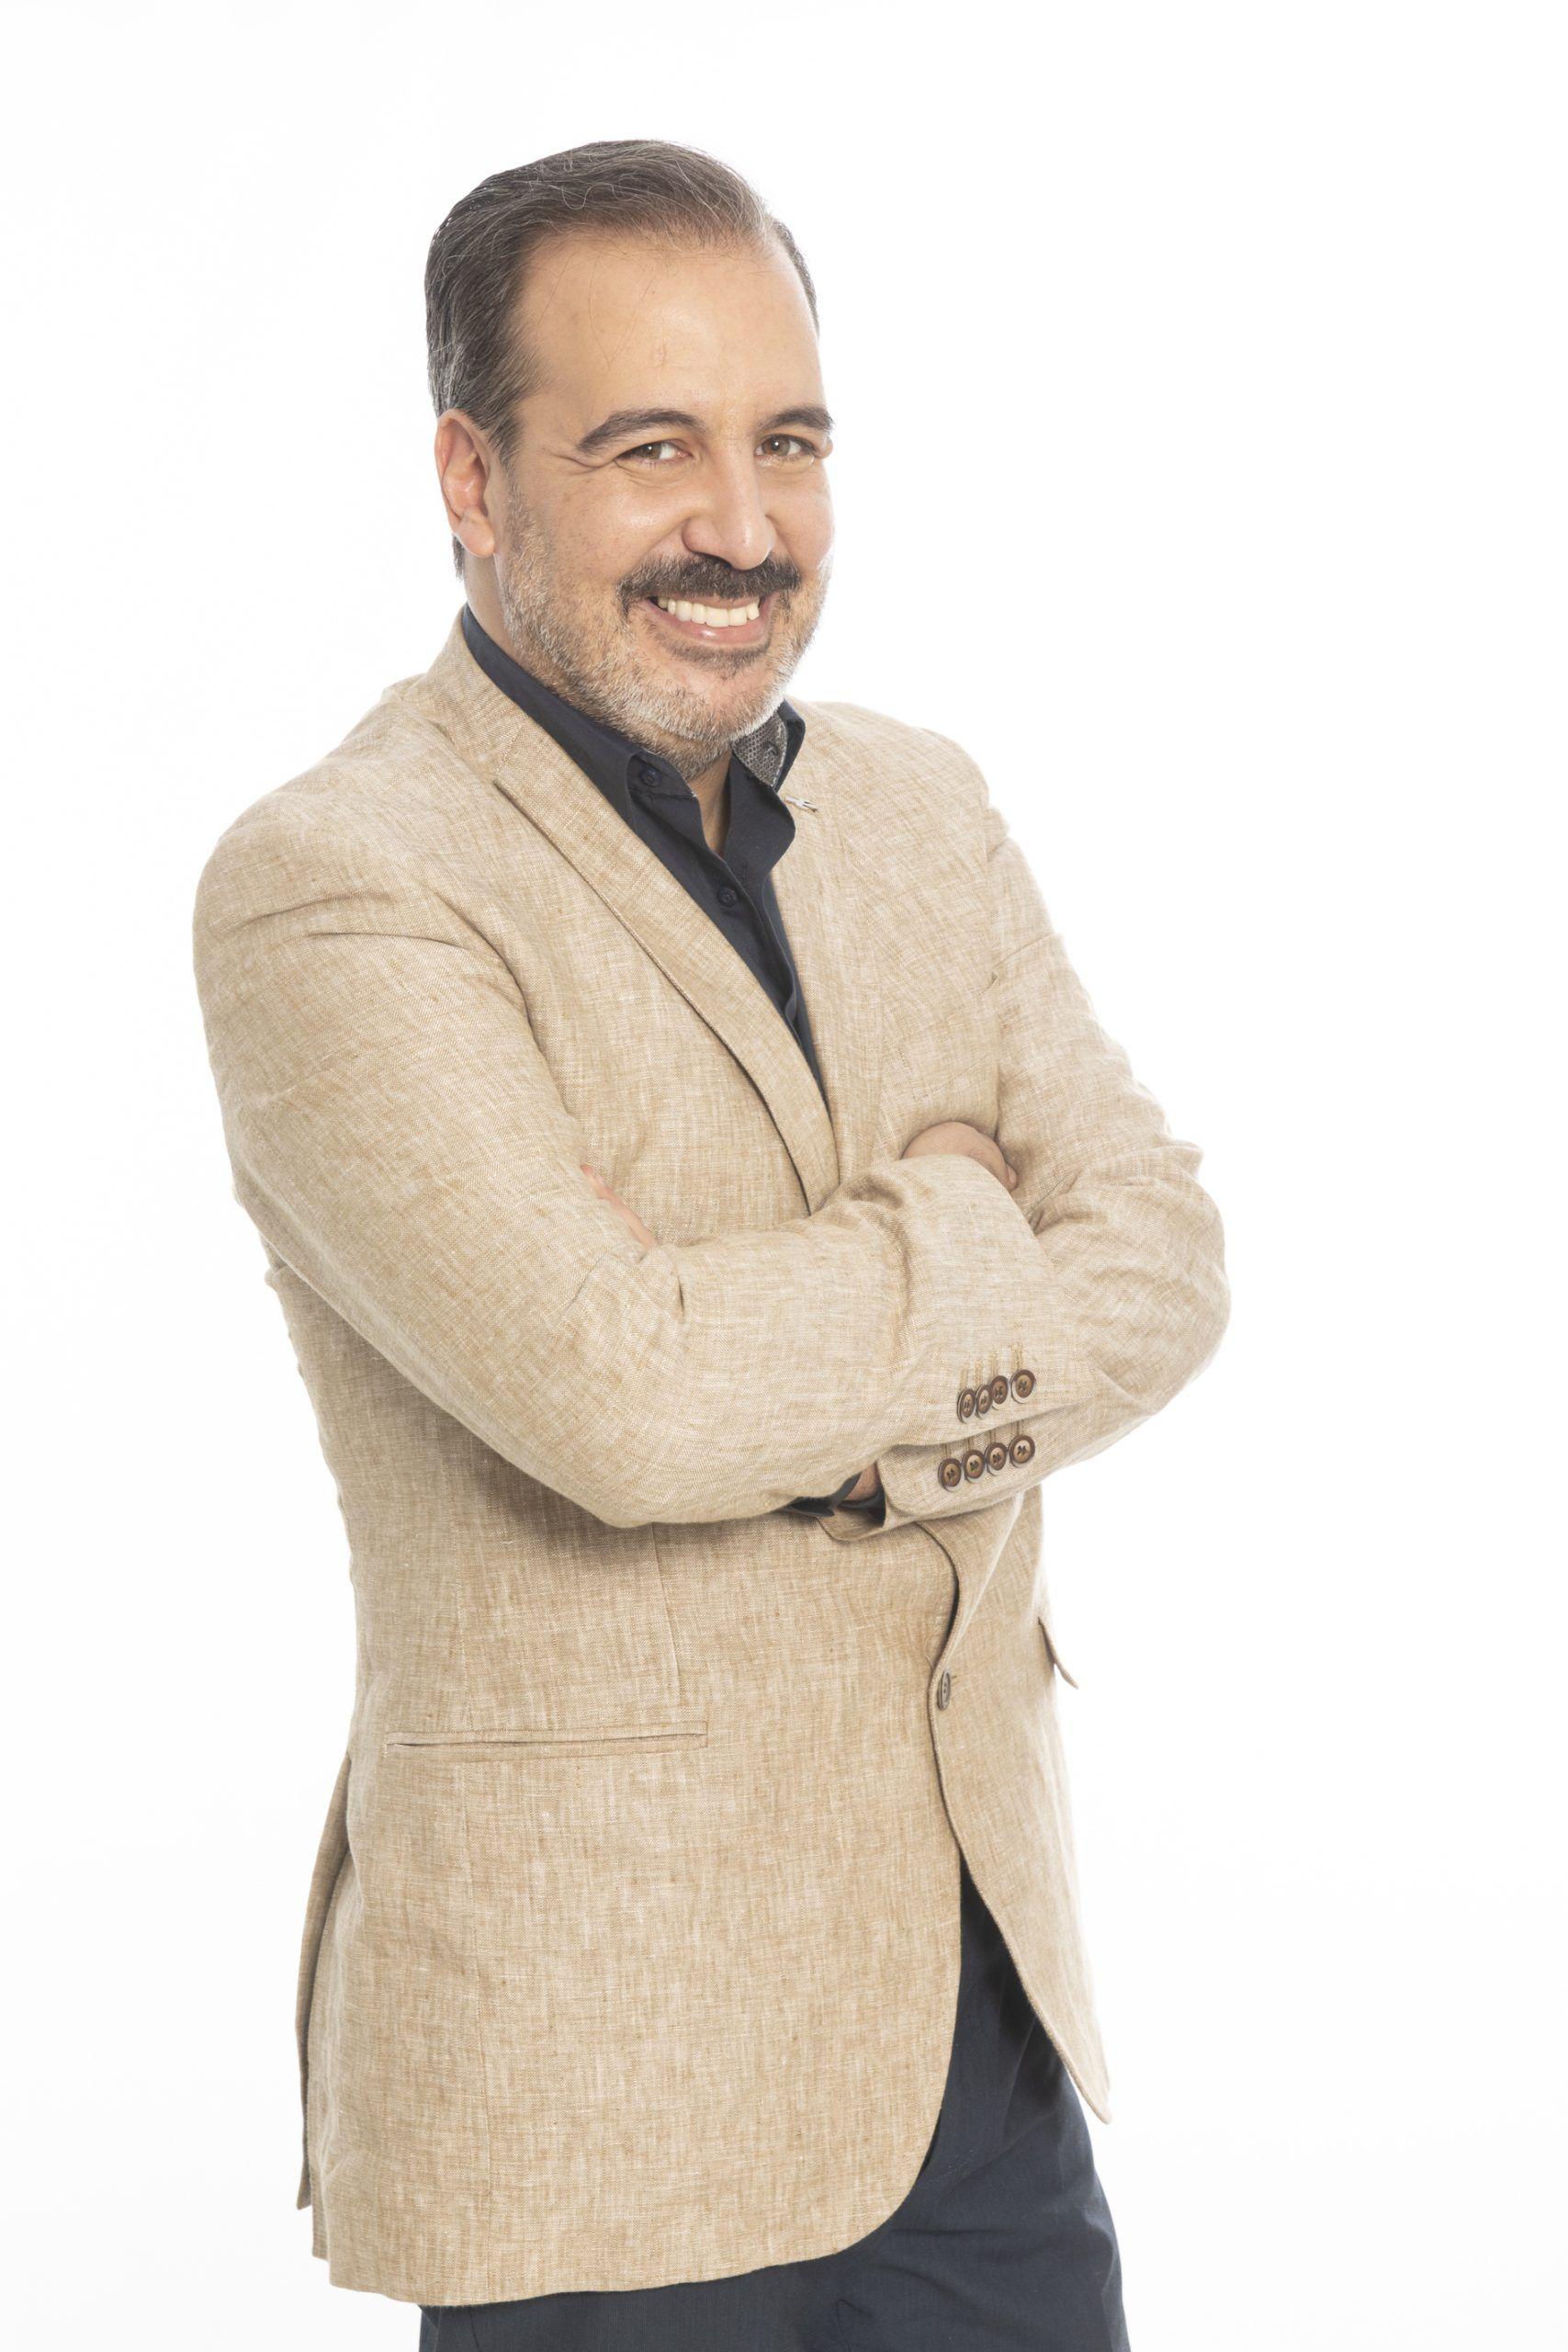 Miguel Ángel Pérez Laguna. CEO de Humanos en la Oficina y Speaker internacional. Presentador de Radio